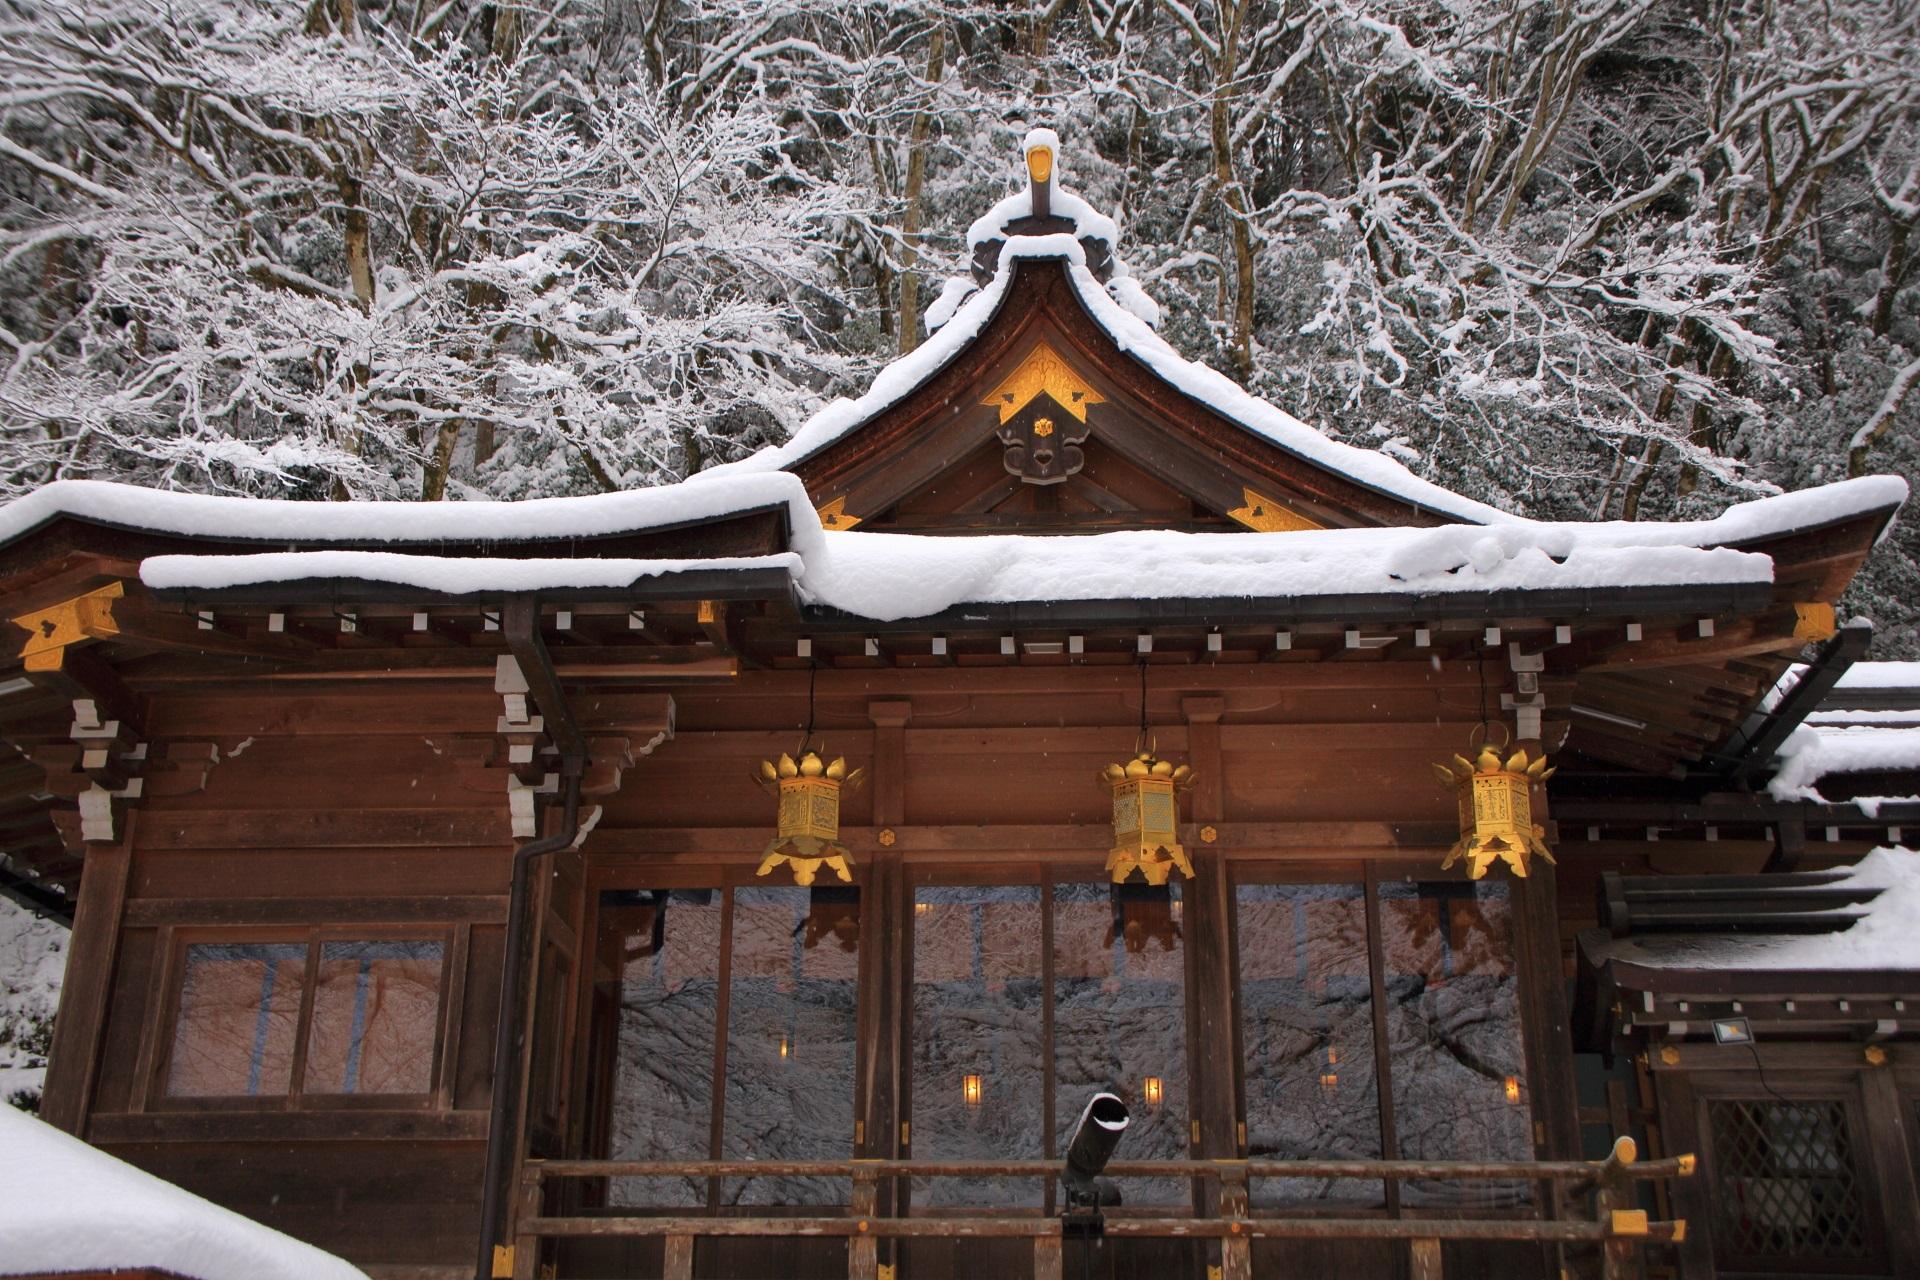 貴船神社の本宮のガラスが映す雪景色